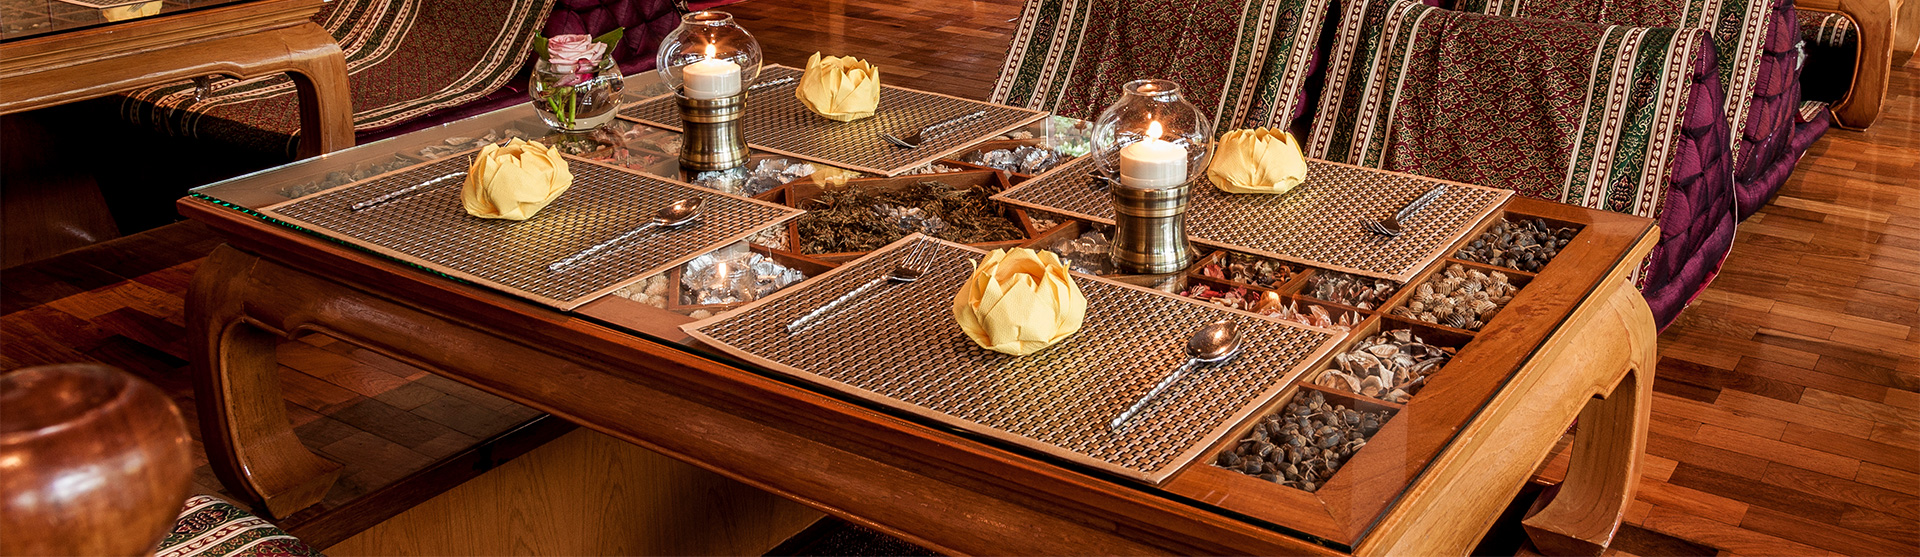 Thai Restaurant Samui Thai Cuisine in Hamburg.